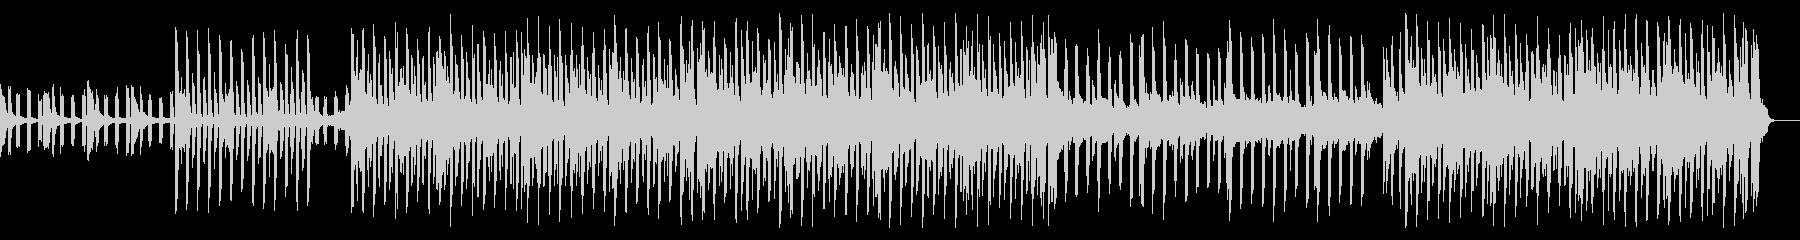 人気のある電子機器 ディスコ ポジ...の未再生の波形